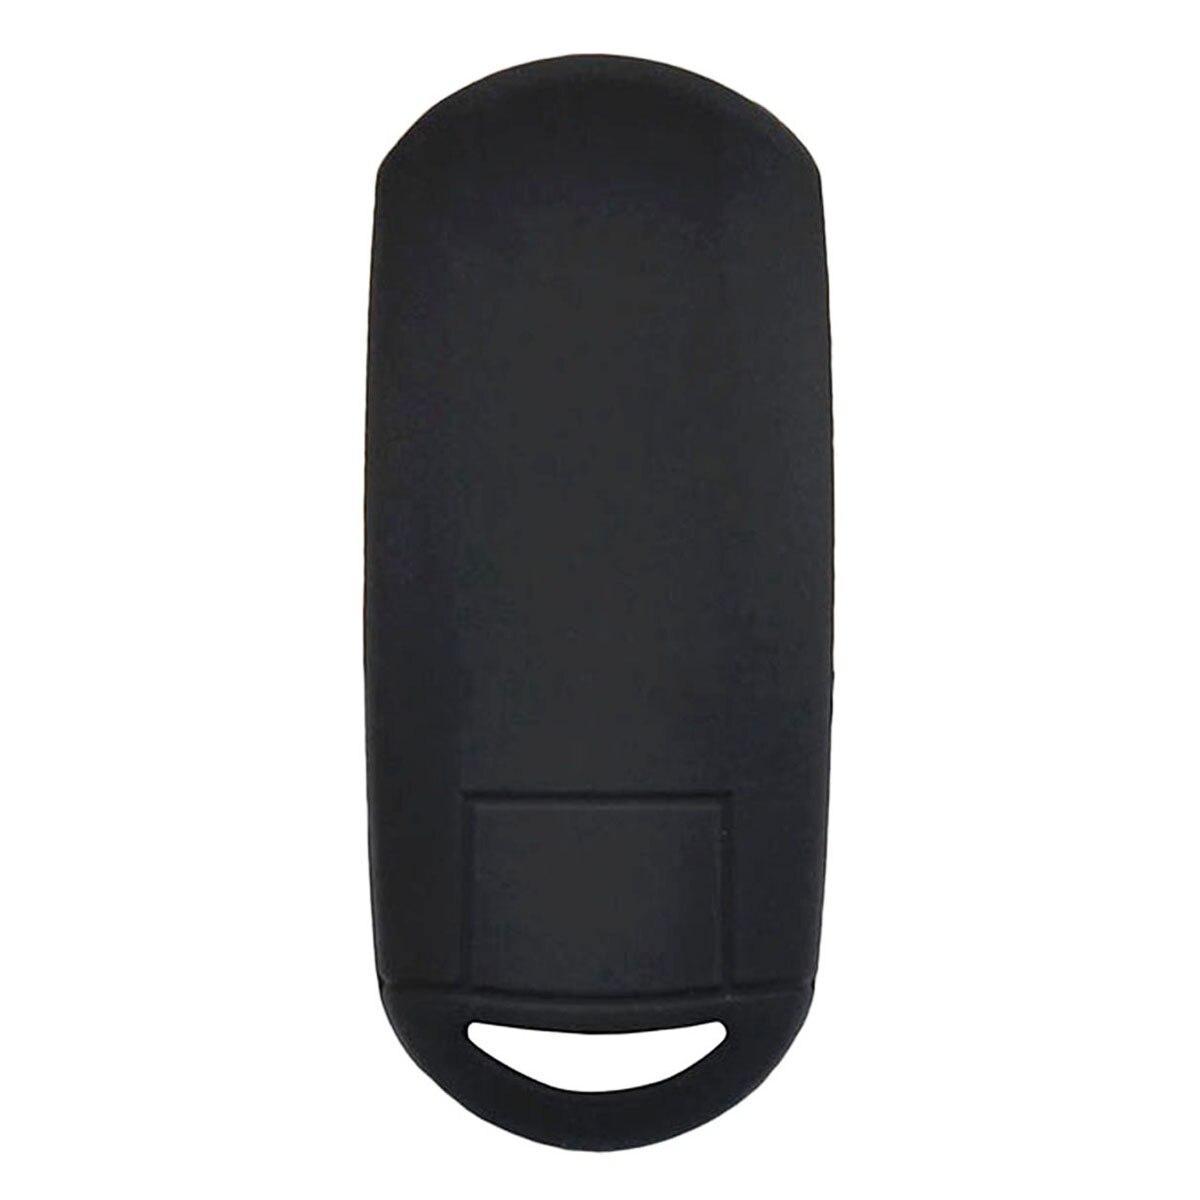 New Arrival 1pc 3 Buttons Silicone Car Remote Key Case Cover For Mazda 2 3 5 6 CX5 CX7 CX9